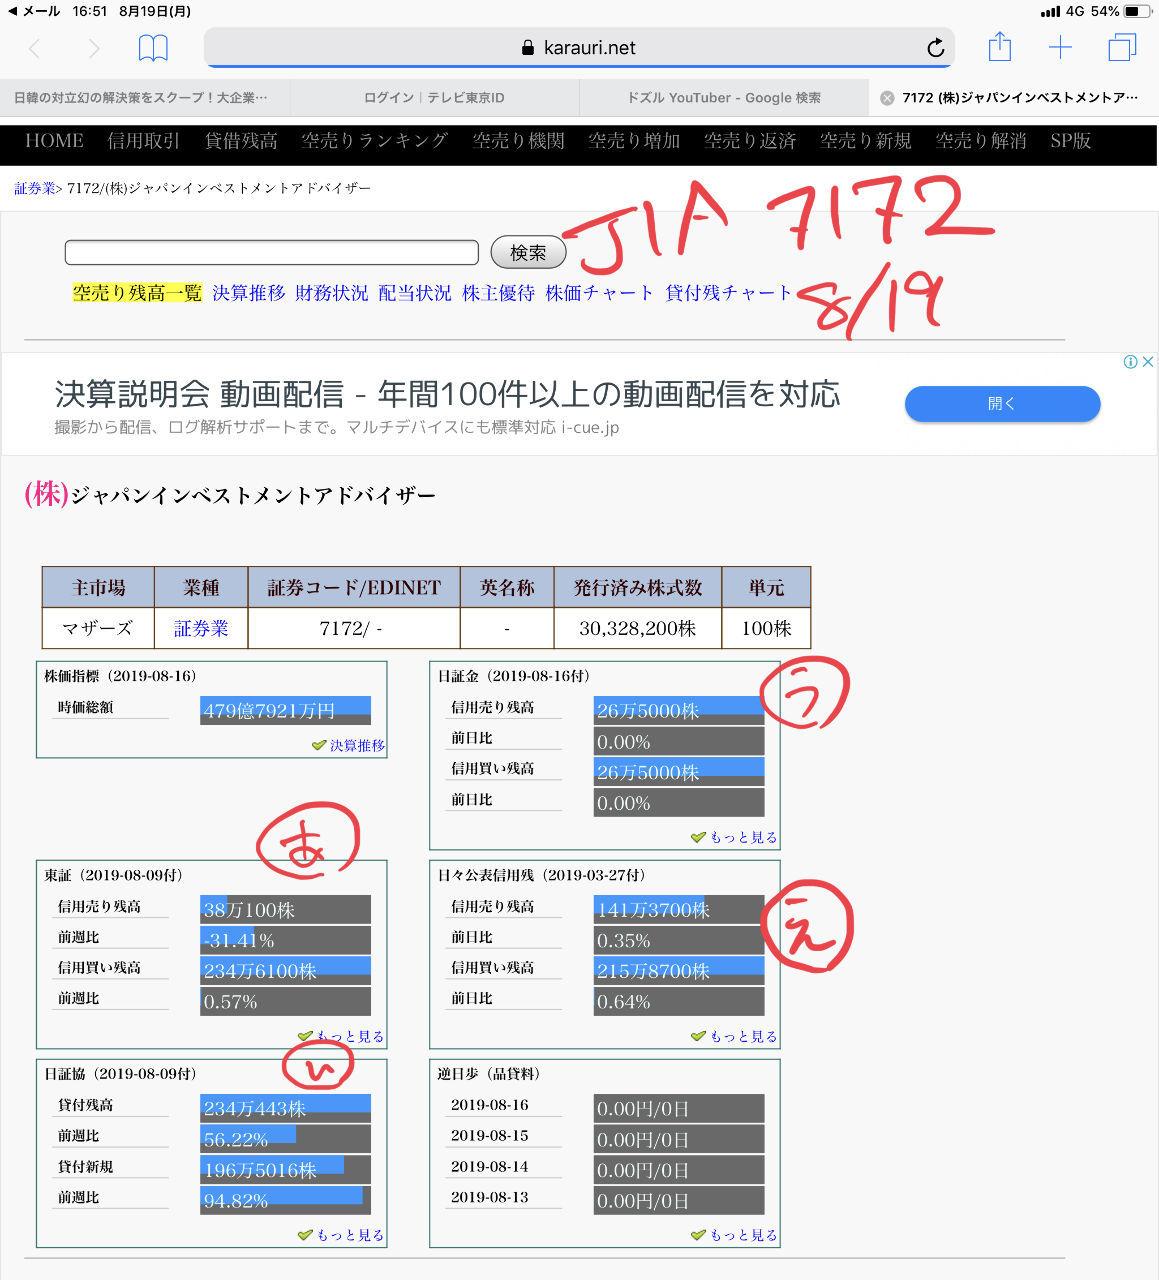 7172 - (株)ジャパンインベストメントアドバイザー これの見方がわからない。あ〜えを誰かに解説頂きたいのだが。